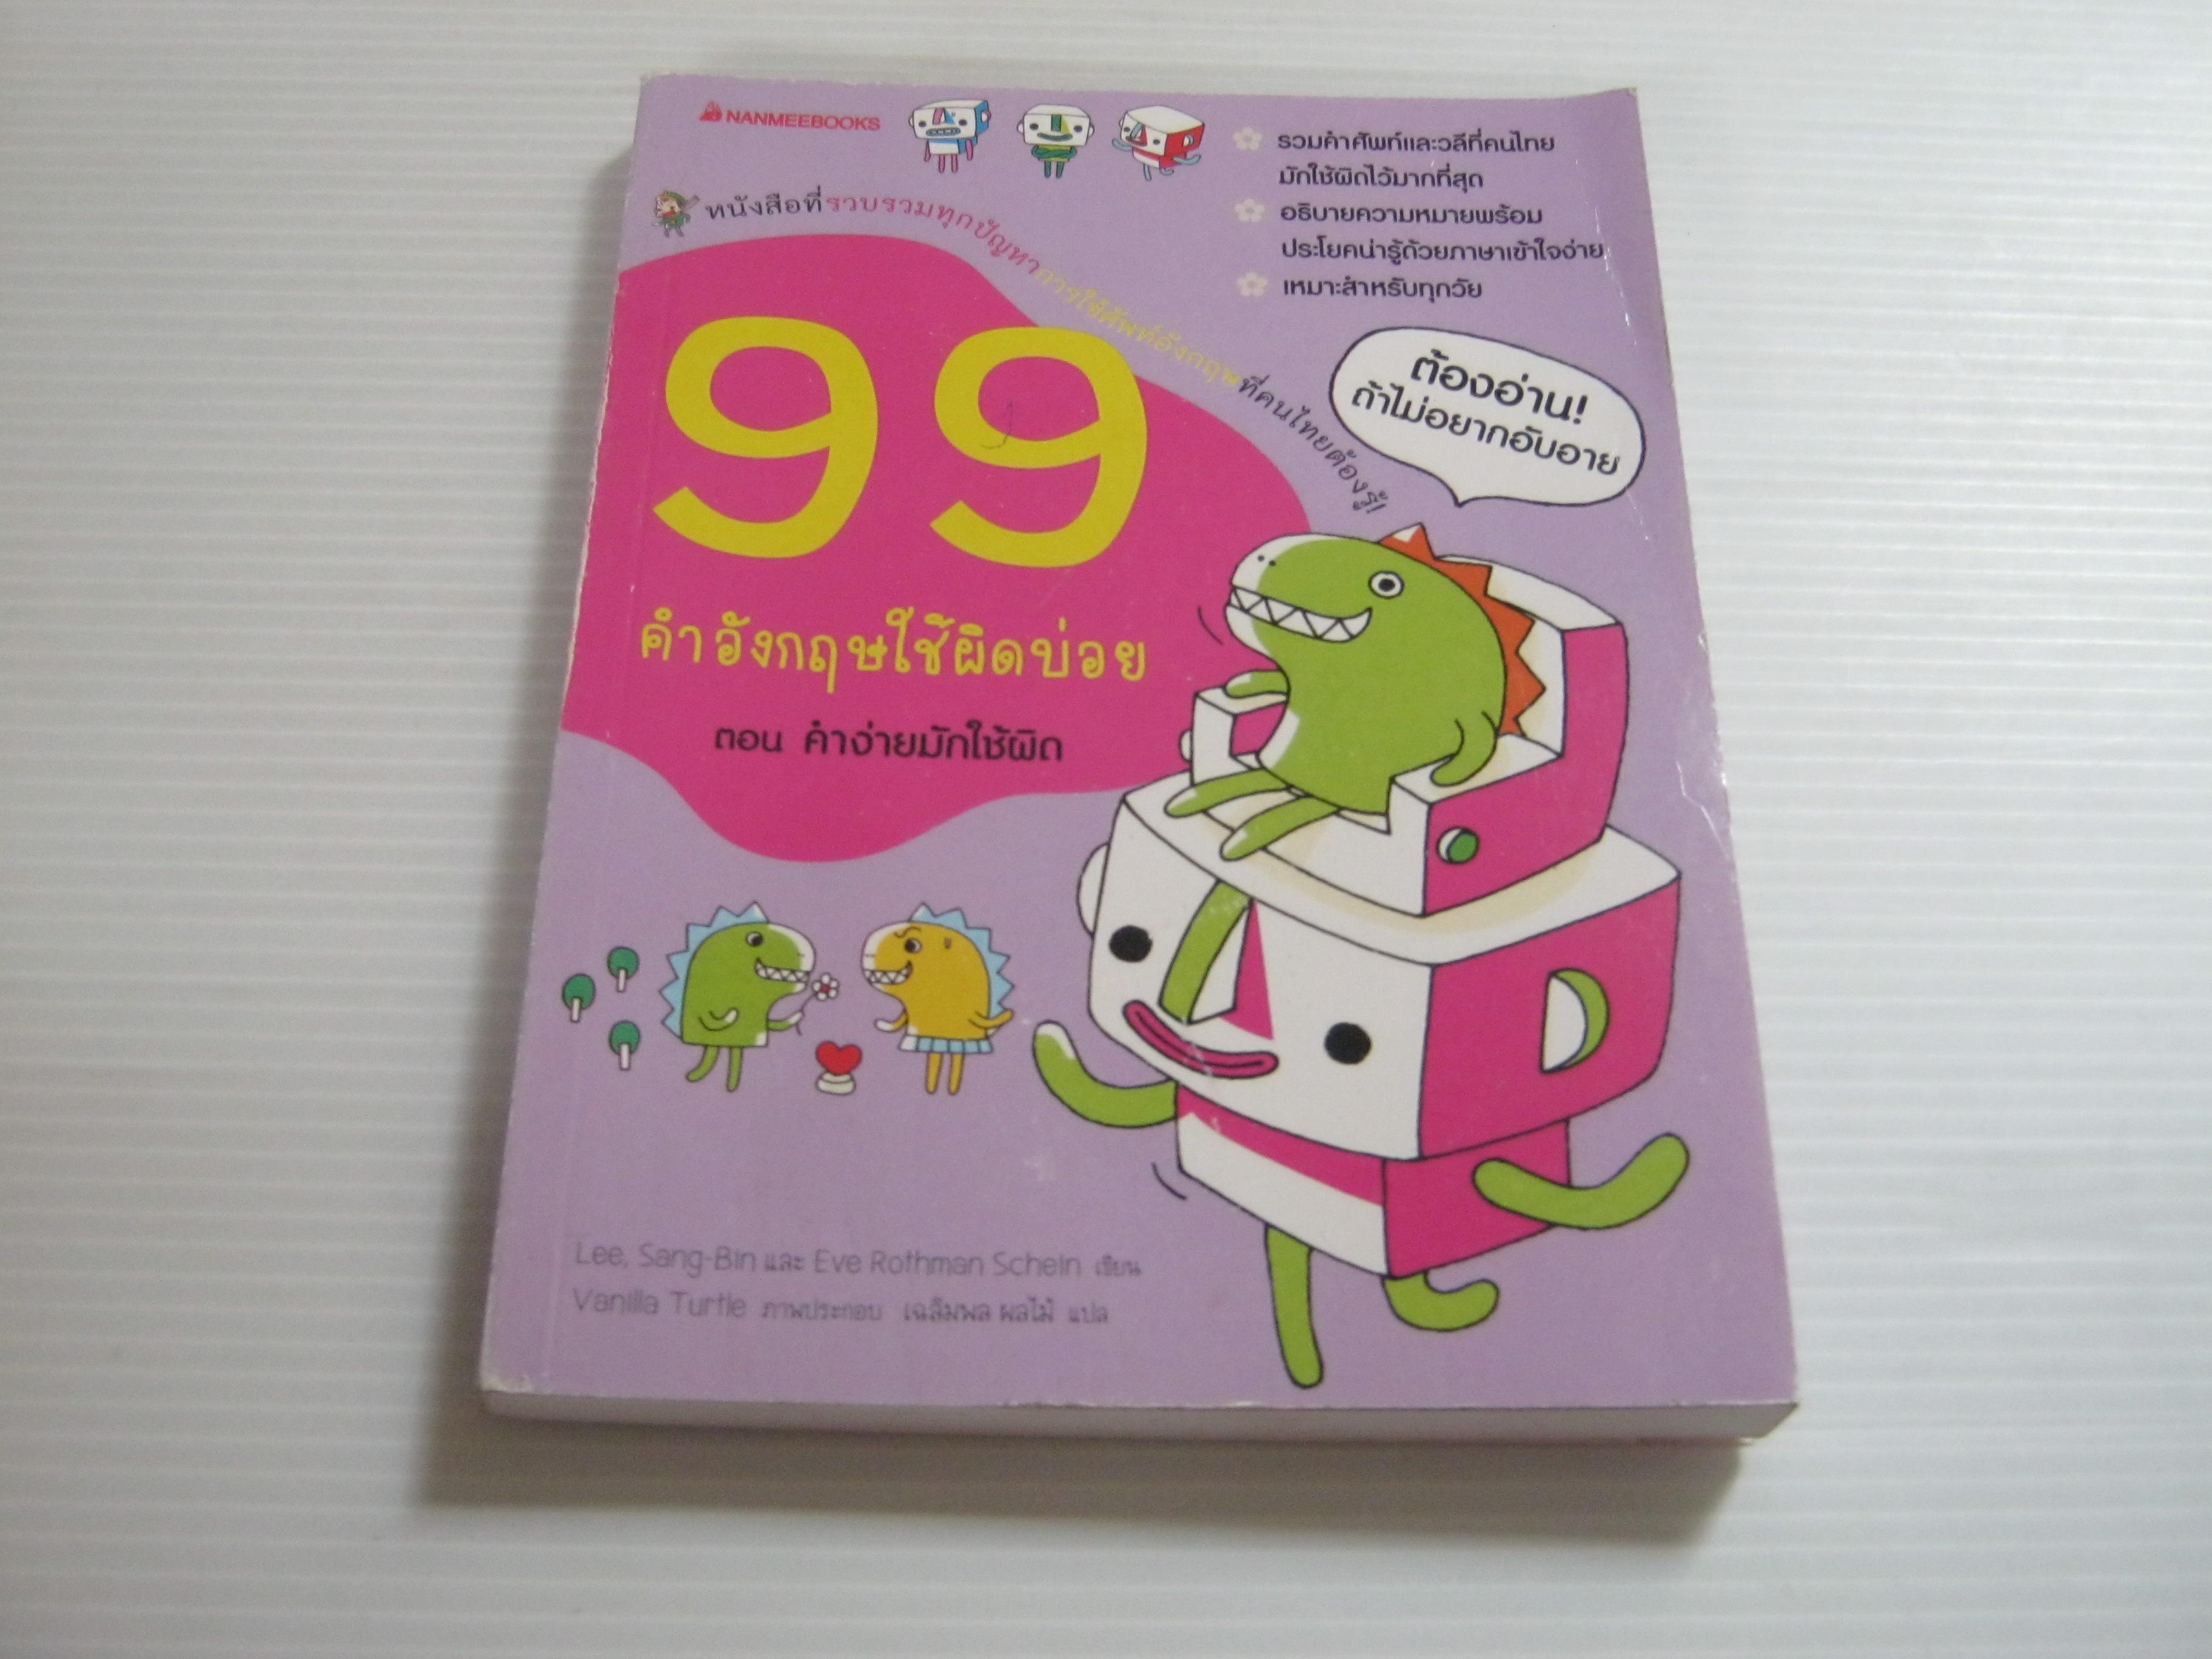 99 คำอังกฤษที่ใช้ผิดบ่อย ตอน คำง่ายมักใช้ผิด Lee, Sang-Bin และ Eve Rothman Schein เขียน Vanilla Turtle ภาพ เฉลิมพล ผลไม้ แปล